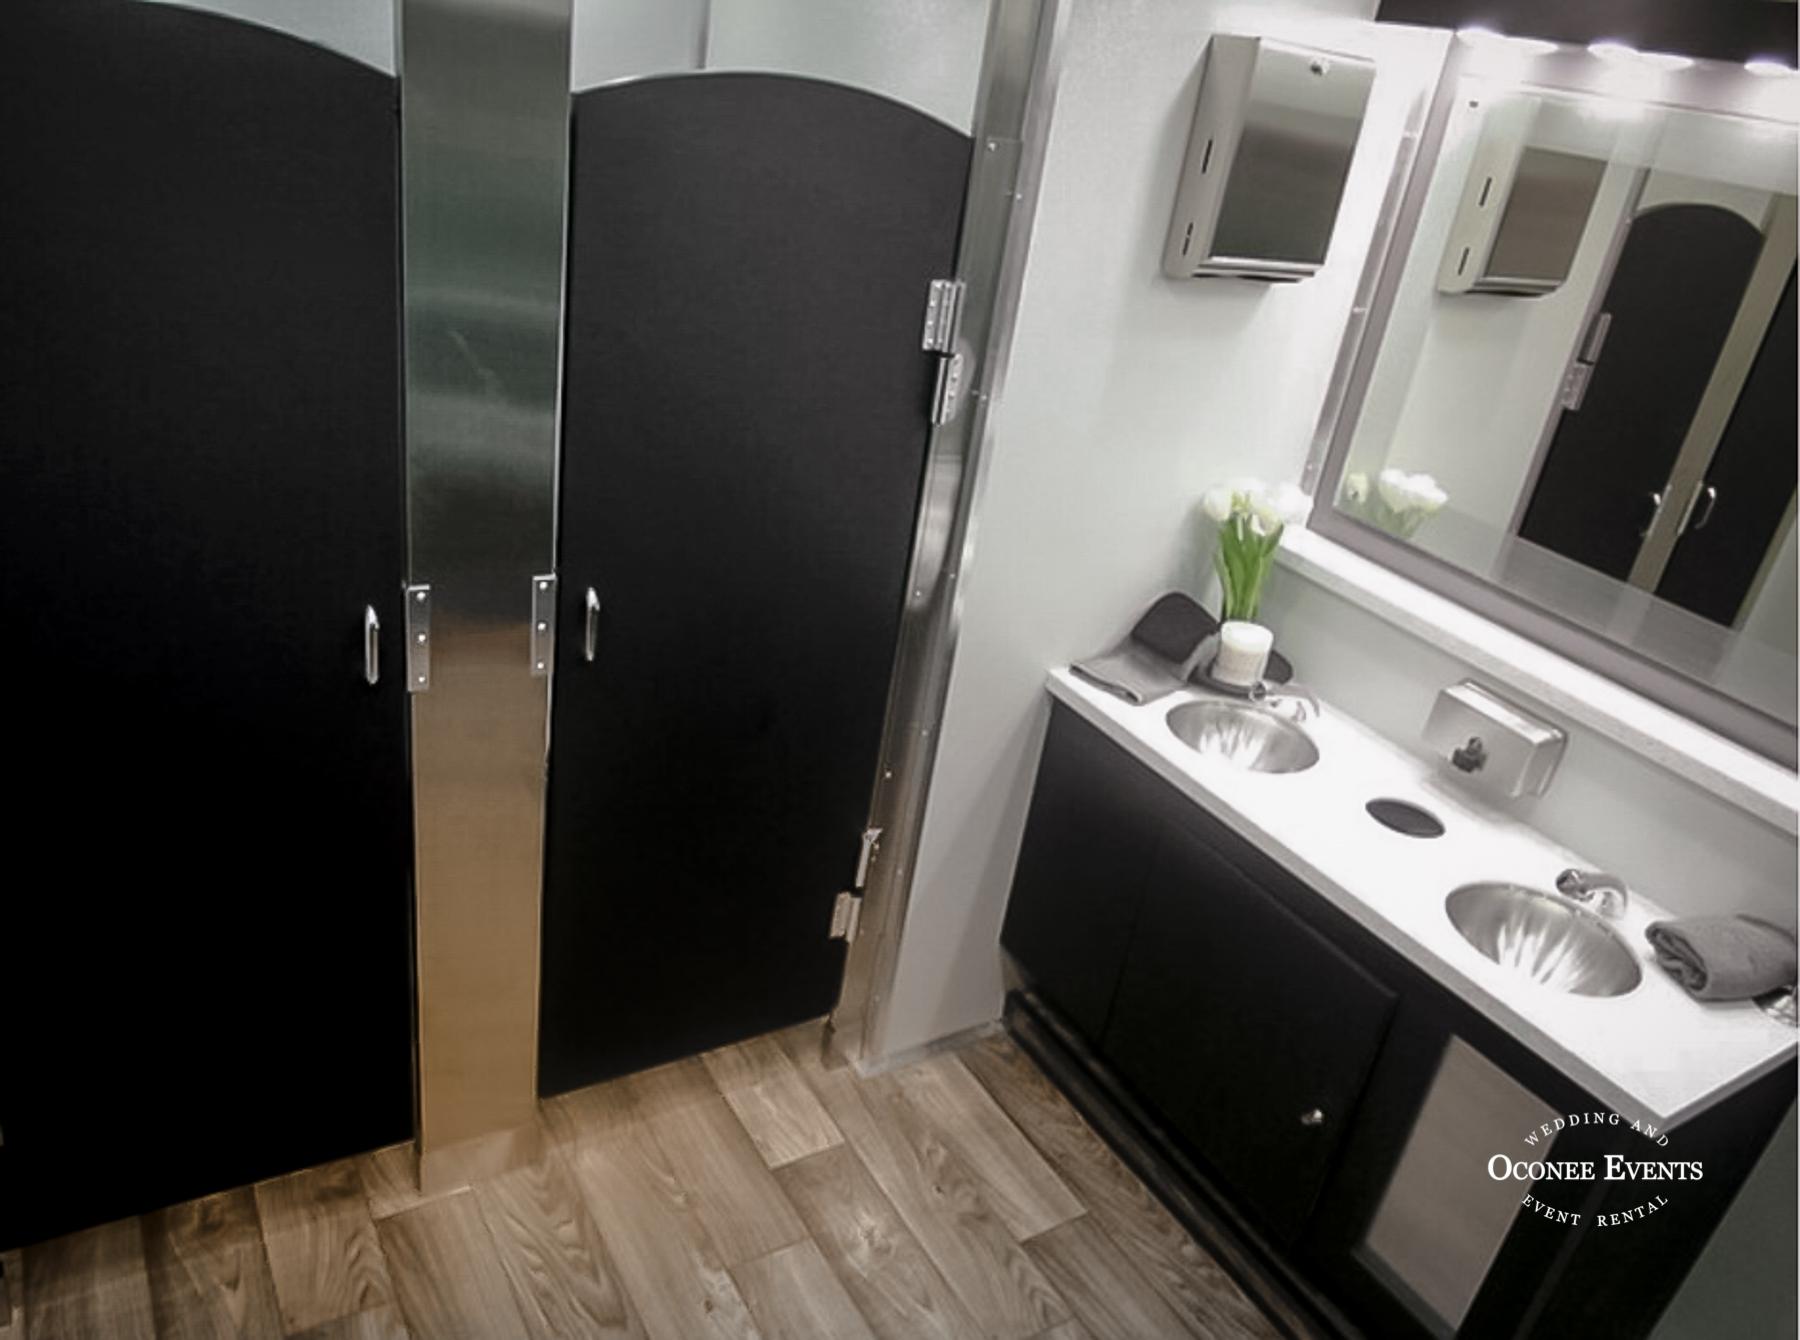 Oconee Events Restroom Trailer Rentals Atlanta, GA-3